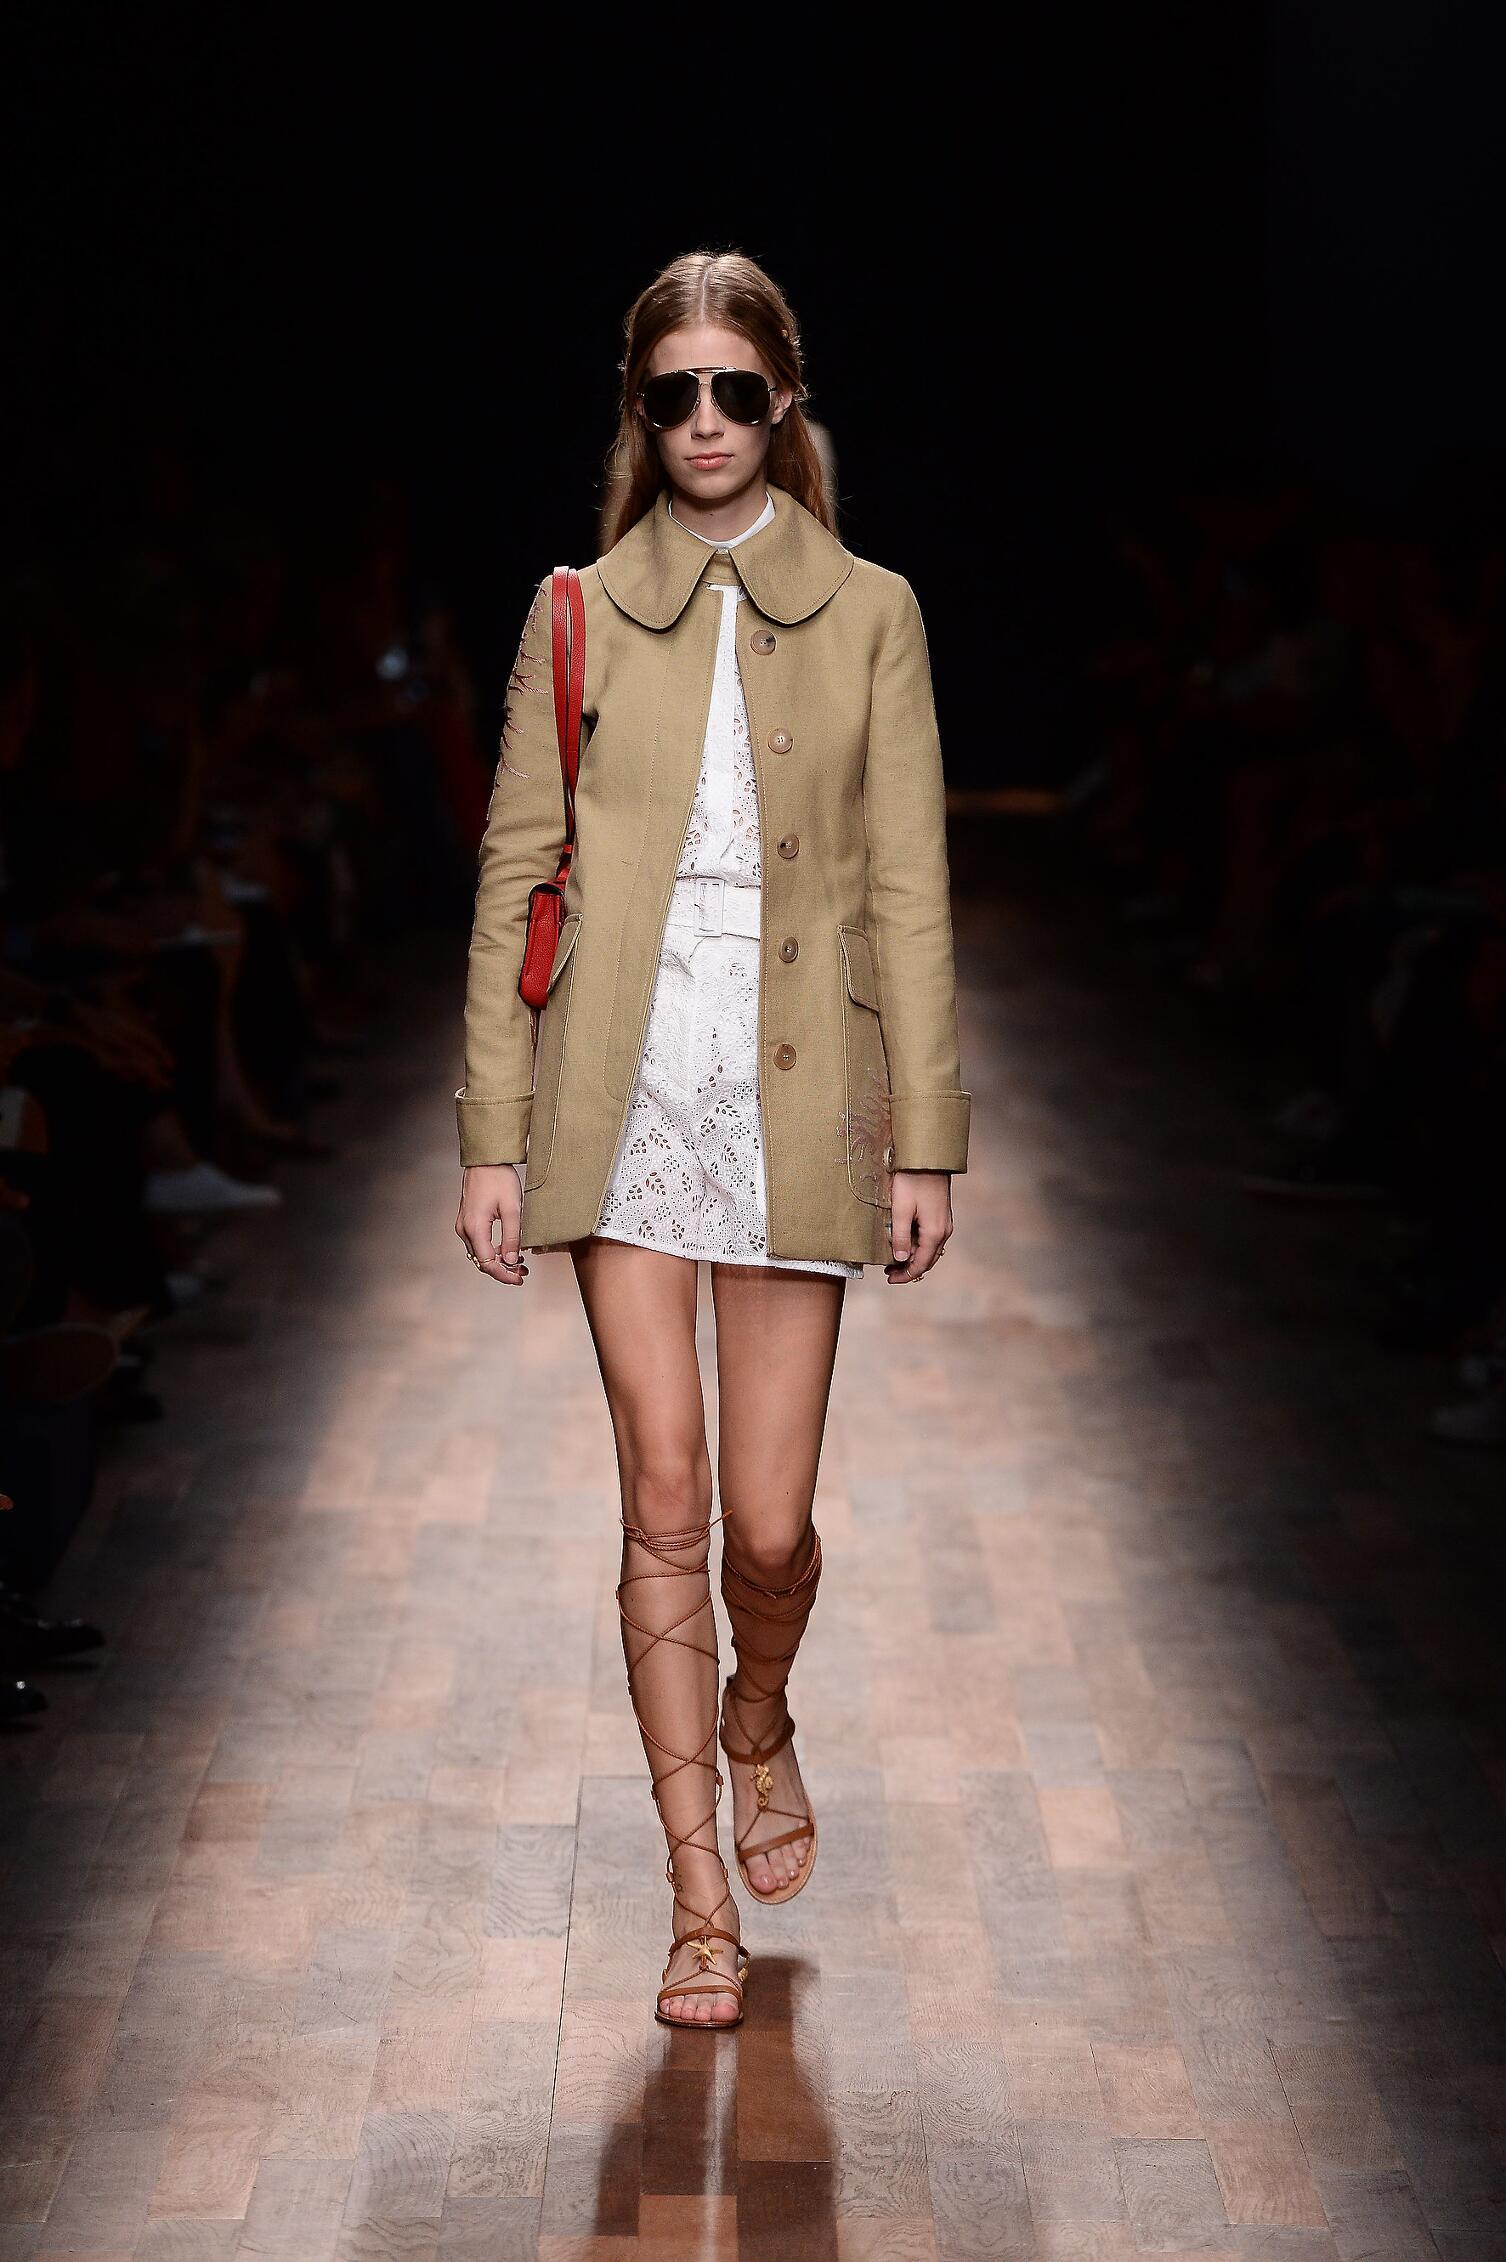 Fashion 2015 Catwalk Valentino Summer